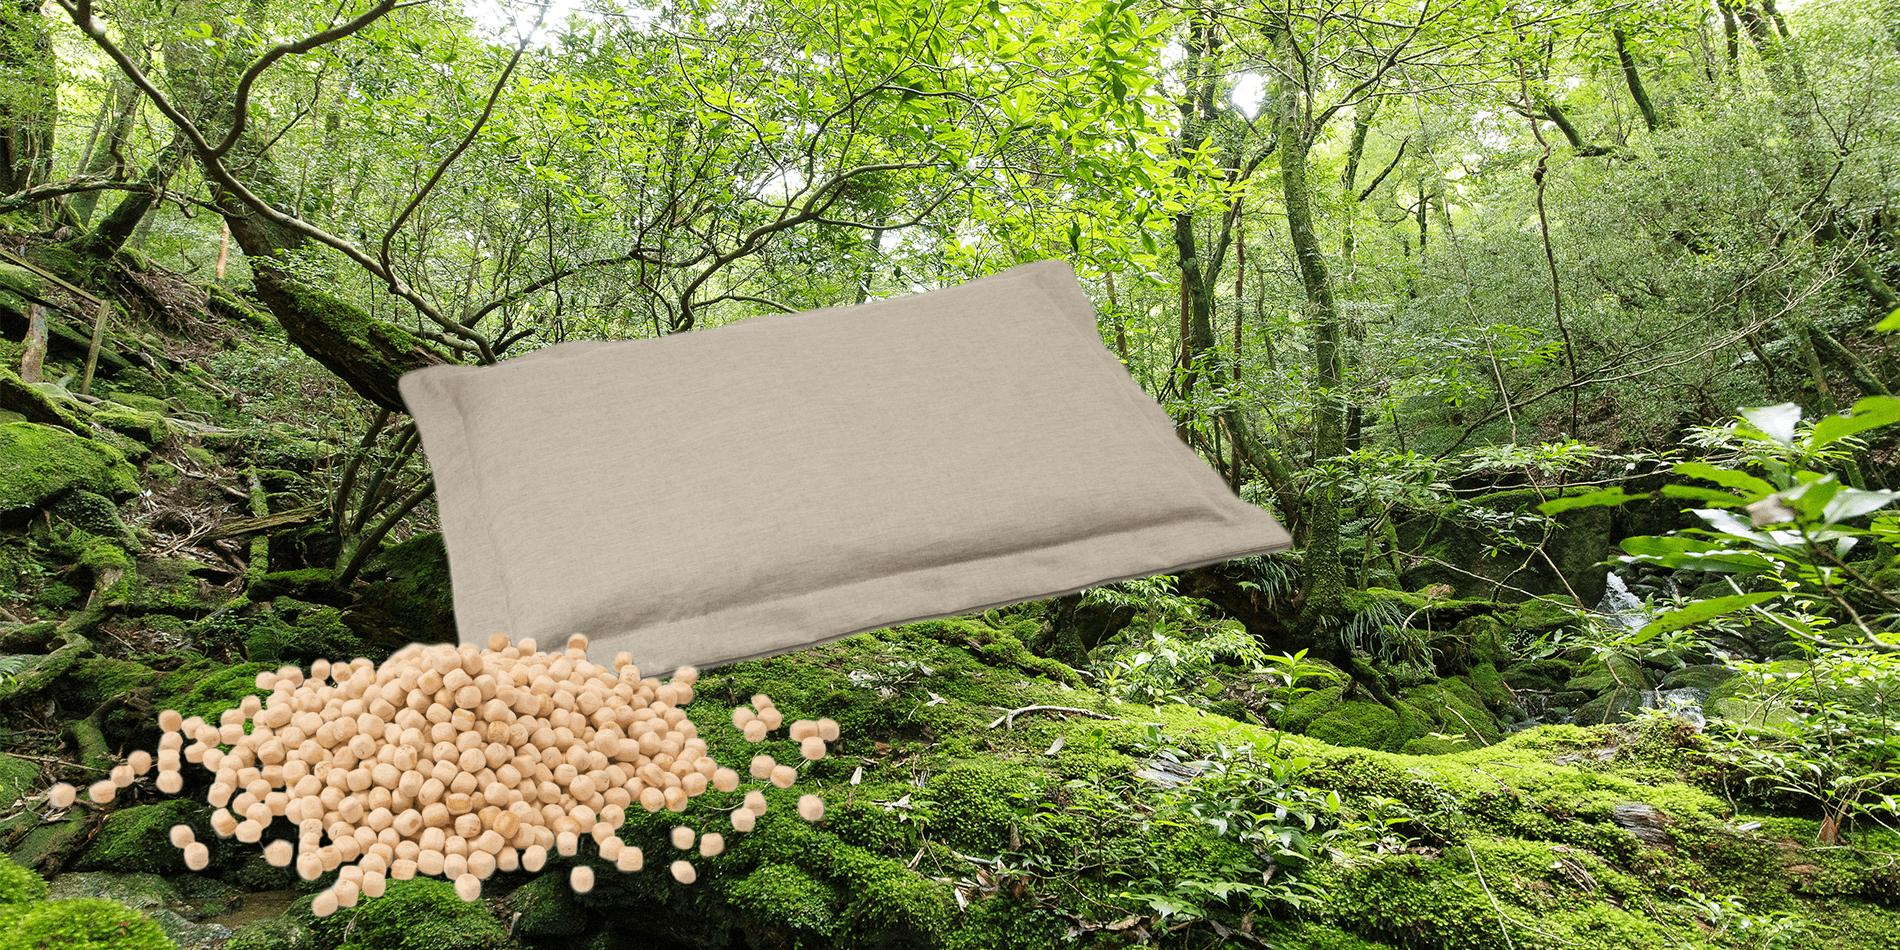 フィトンチッドの効果を睡眠に。「森のまくら」で快眠を手に入れよう